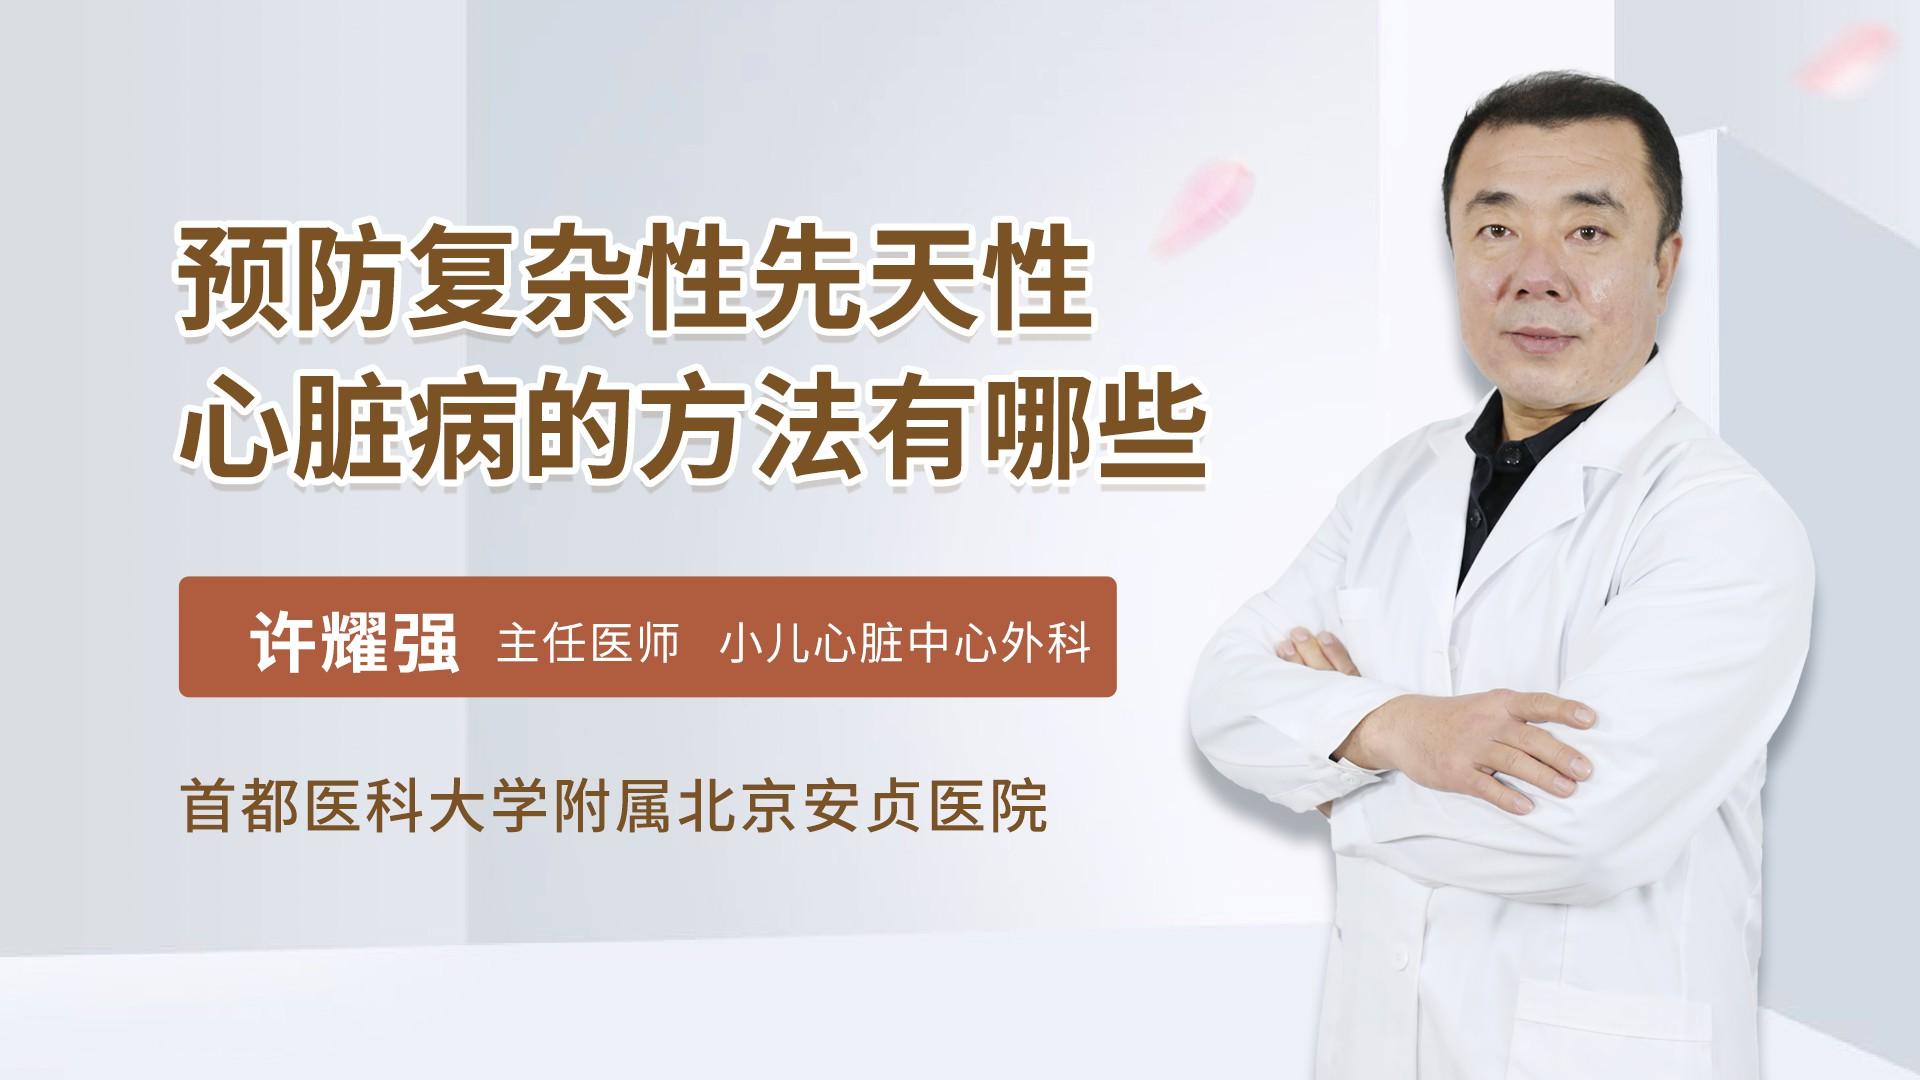 预防复杂性先天性心脏病的方法有哪些